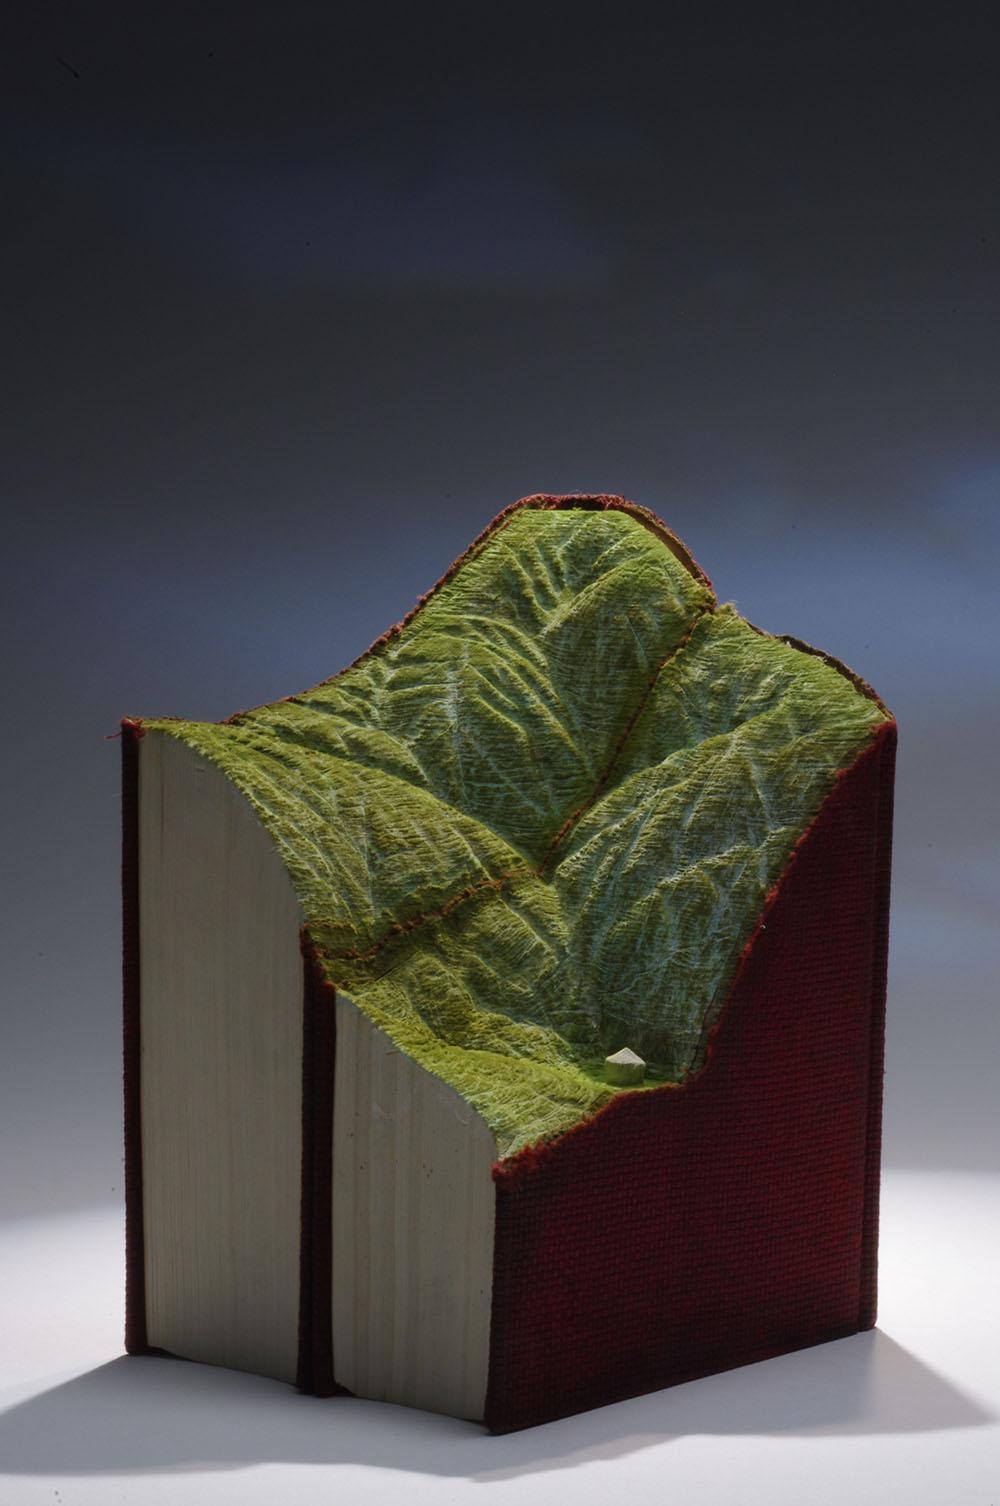 sculture-libri-vecchi-guy-laramee-14